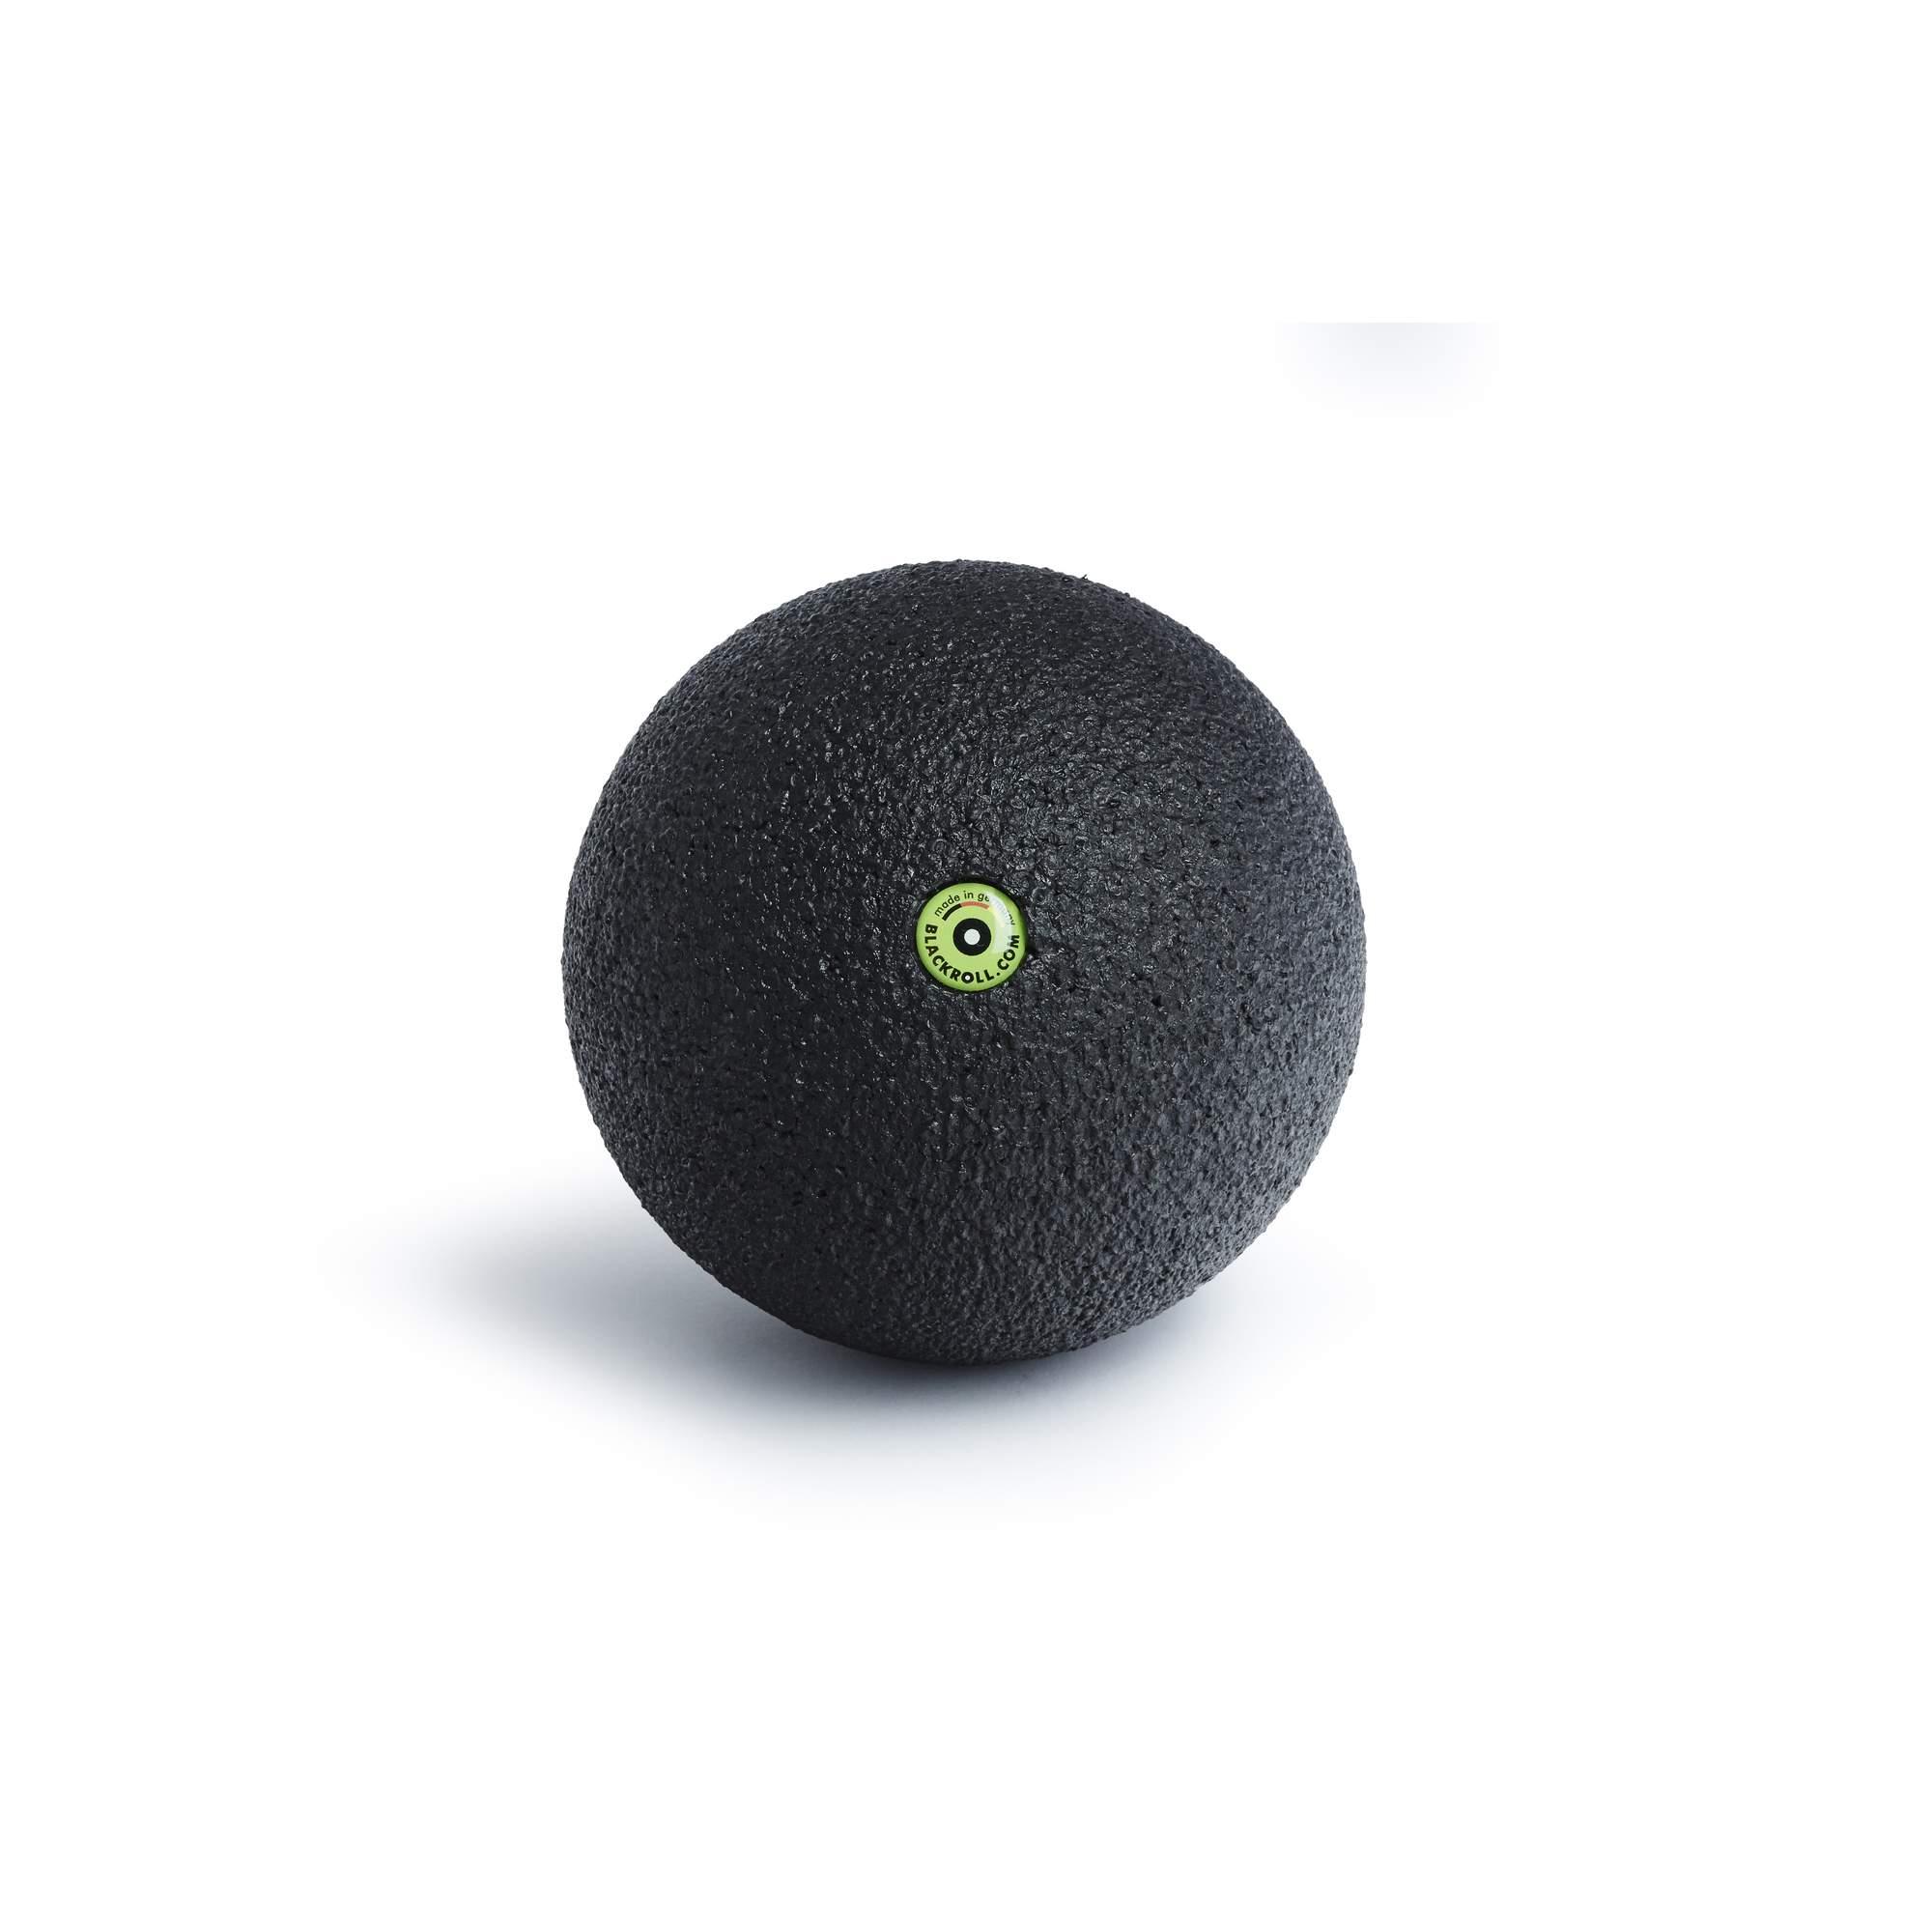 BLACKROLL BALL 12 - Zubehör - schwarz